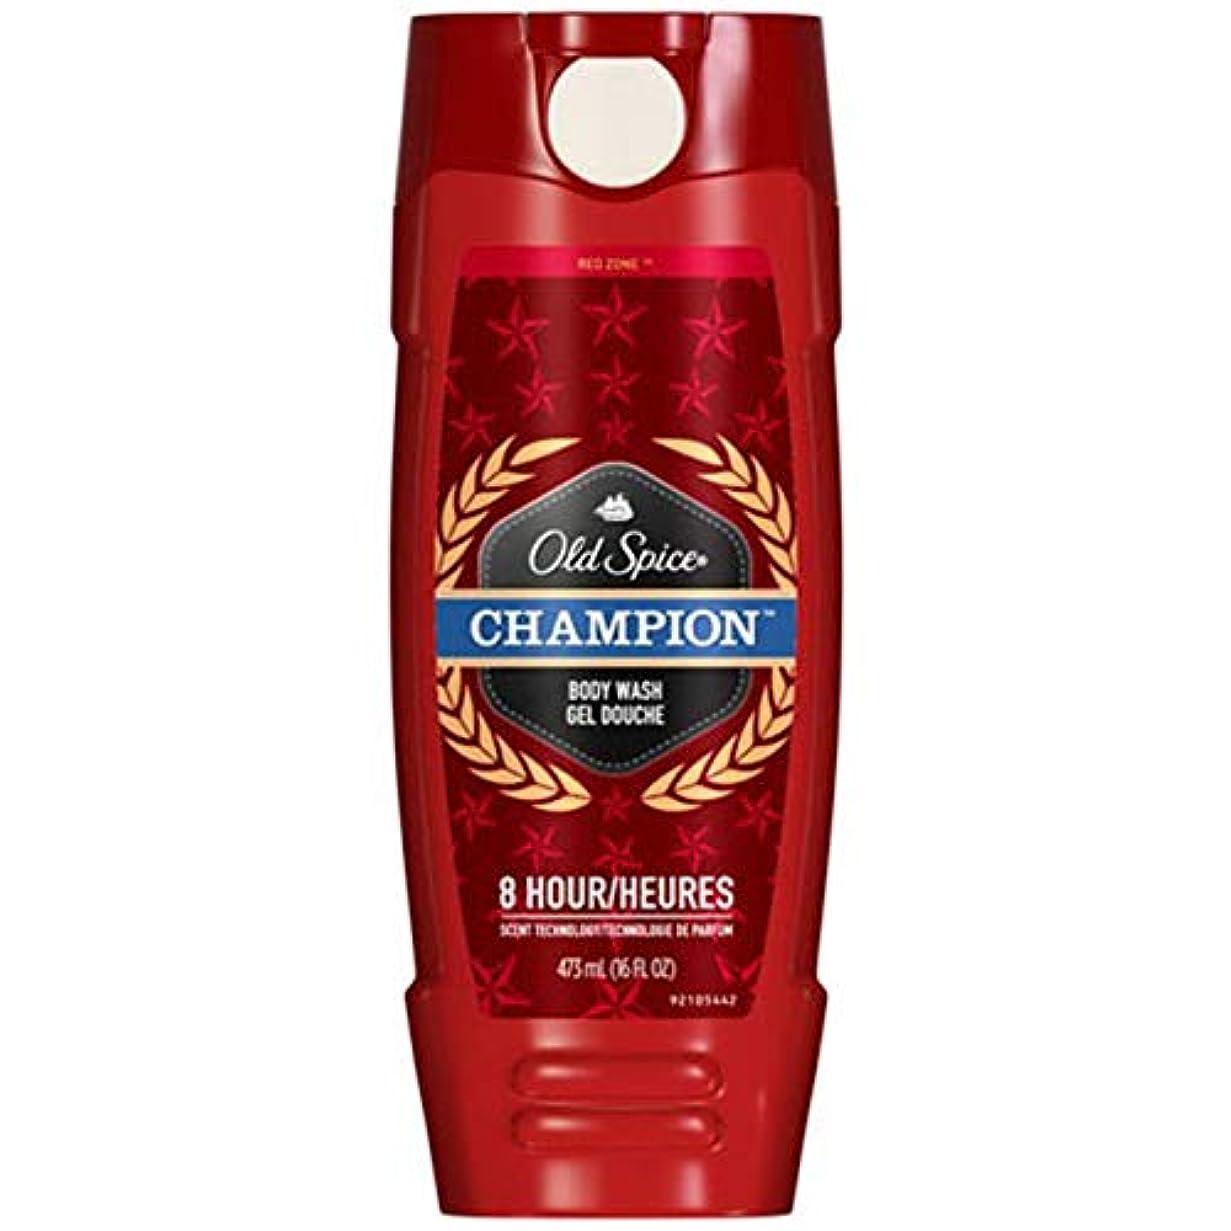 通信網化合物報復するOld Spice オールドスパイス ボディーウォッシュジェル Red Zone Body Wash GEL 473ml 並行輸入品 (CHAMPION/チャンピオン) [並行輸入品]